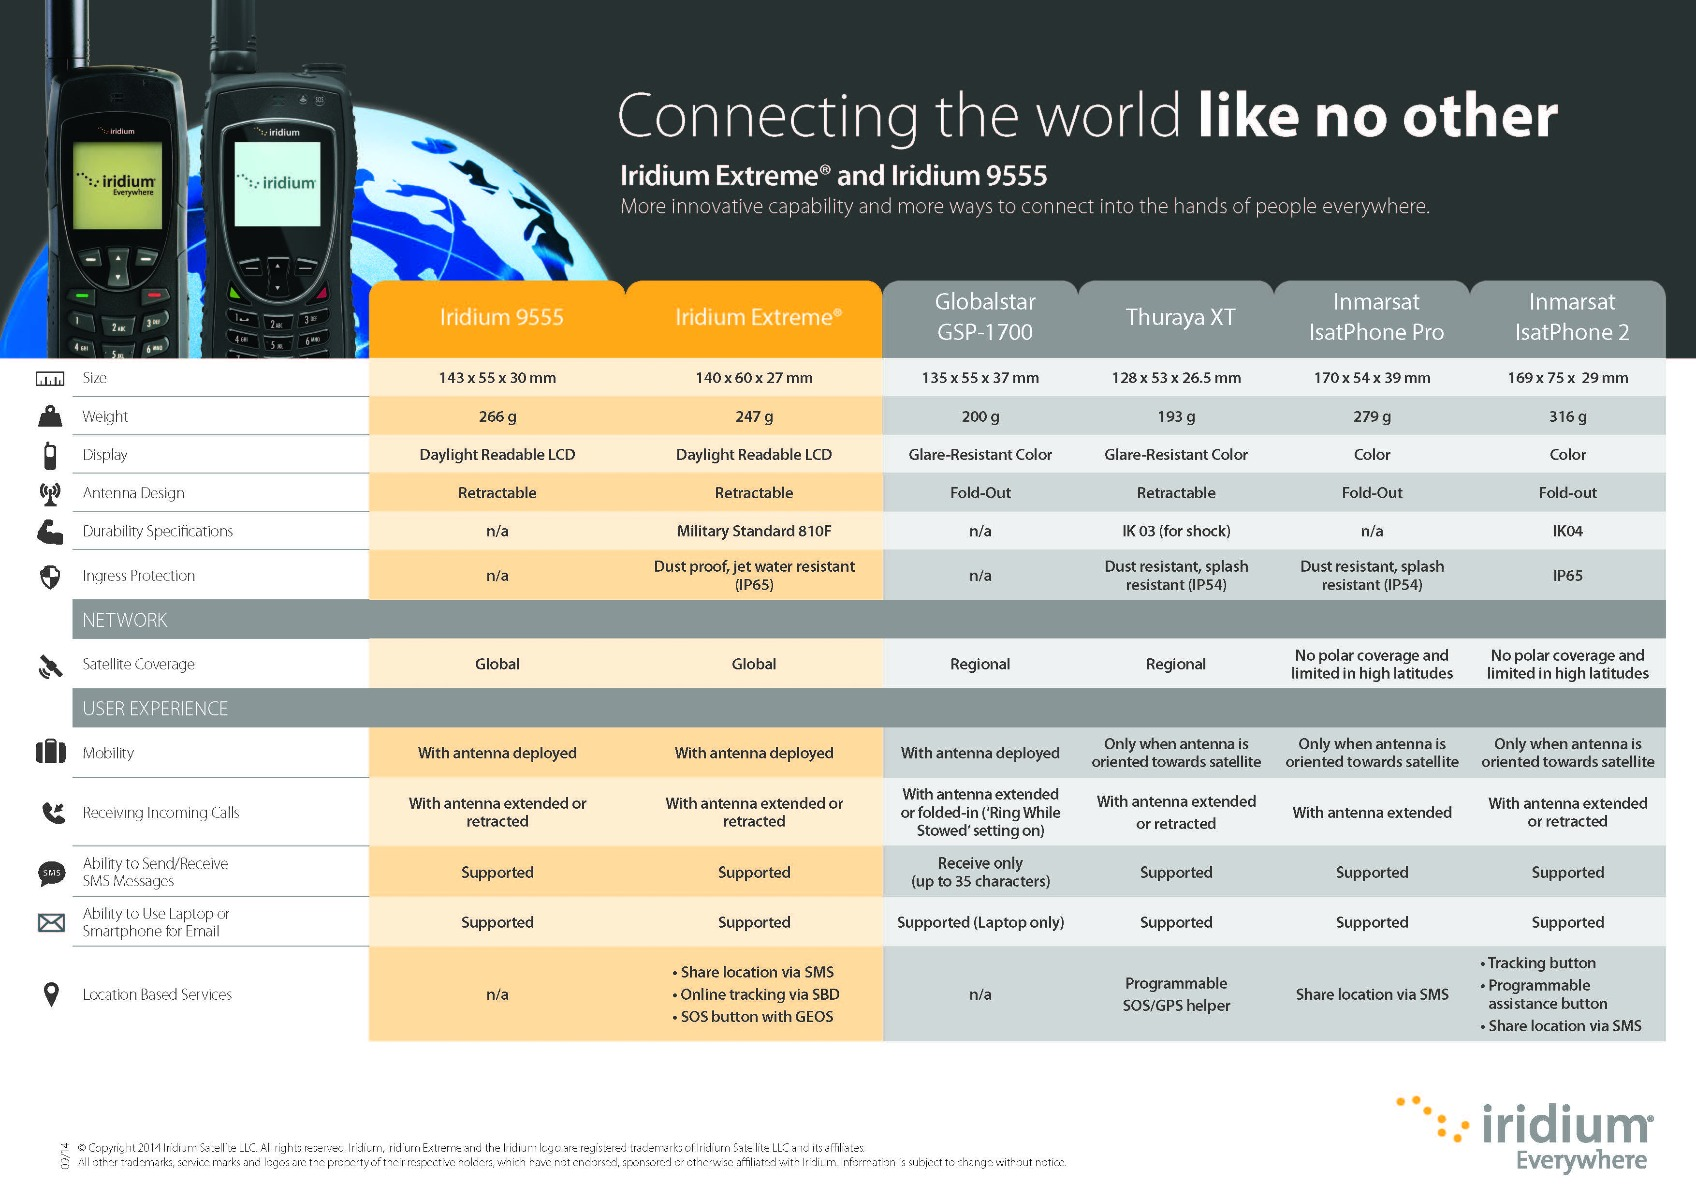 Iridium Phone Comparison